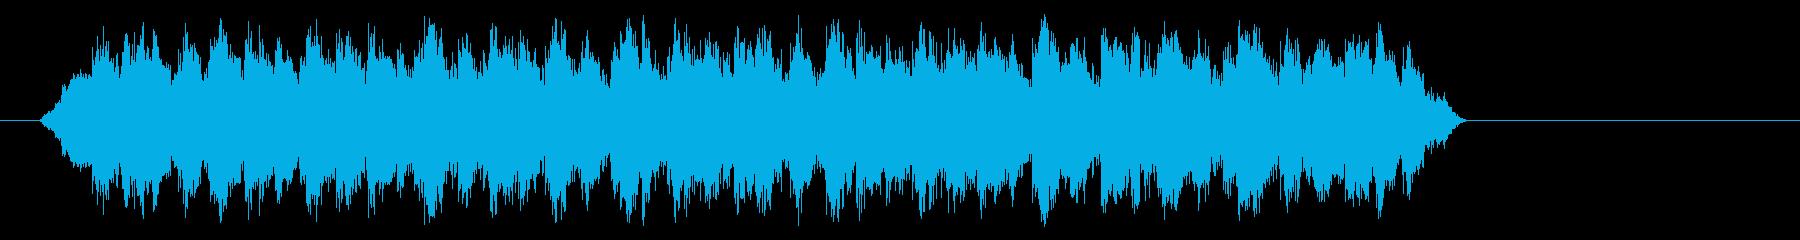 パニックの鐘の再生済みの波形